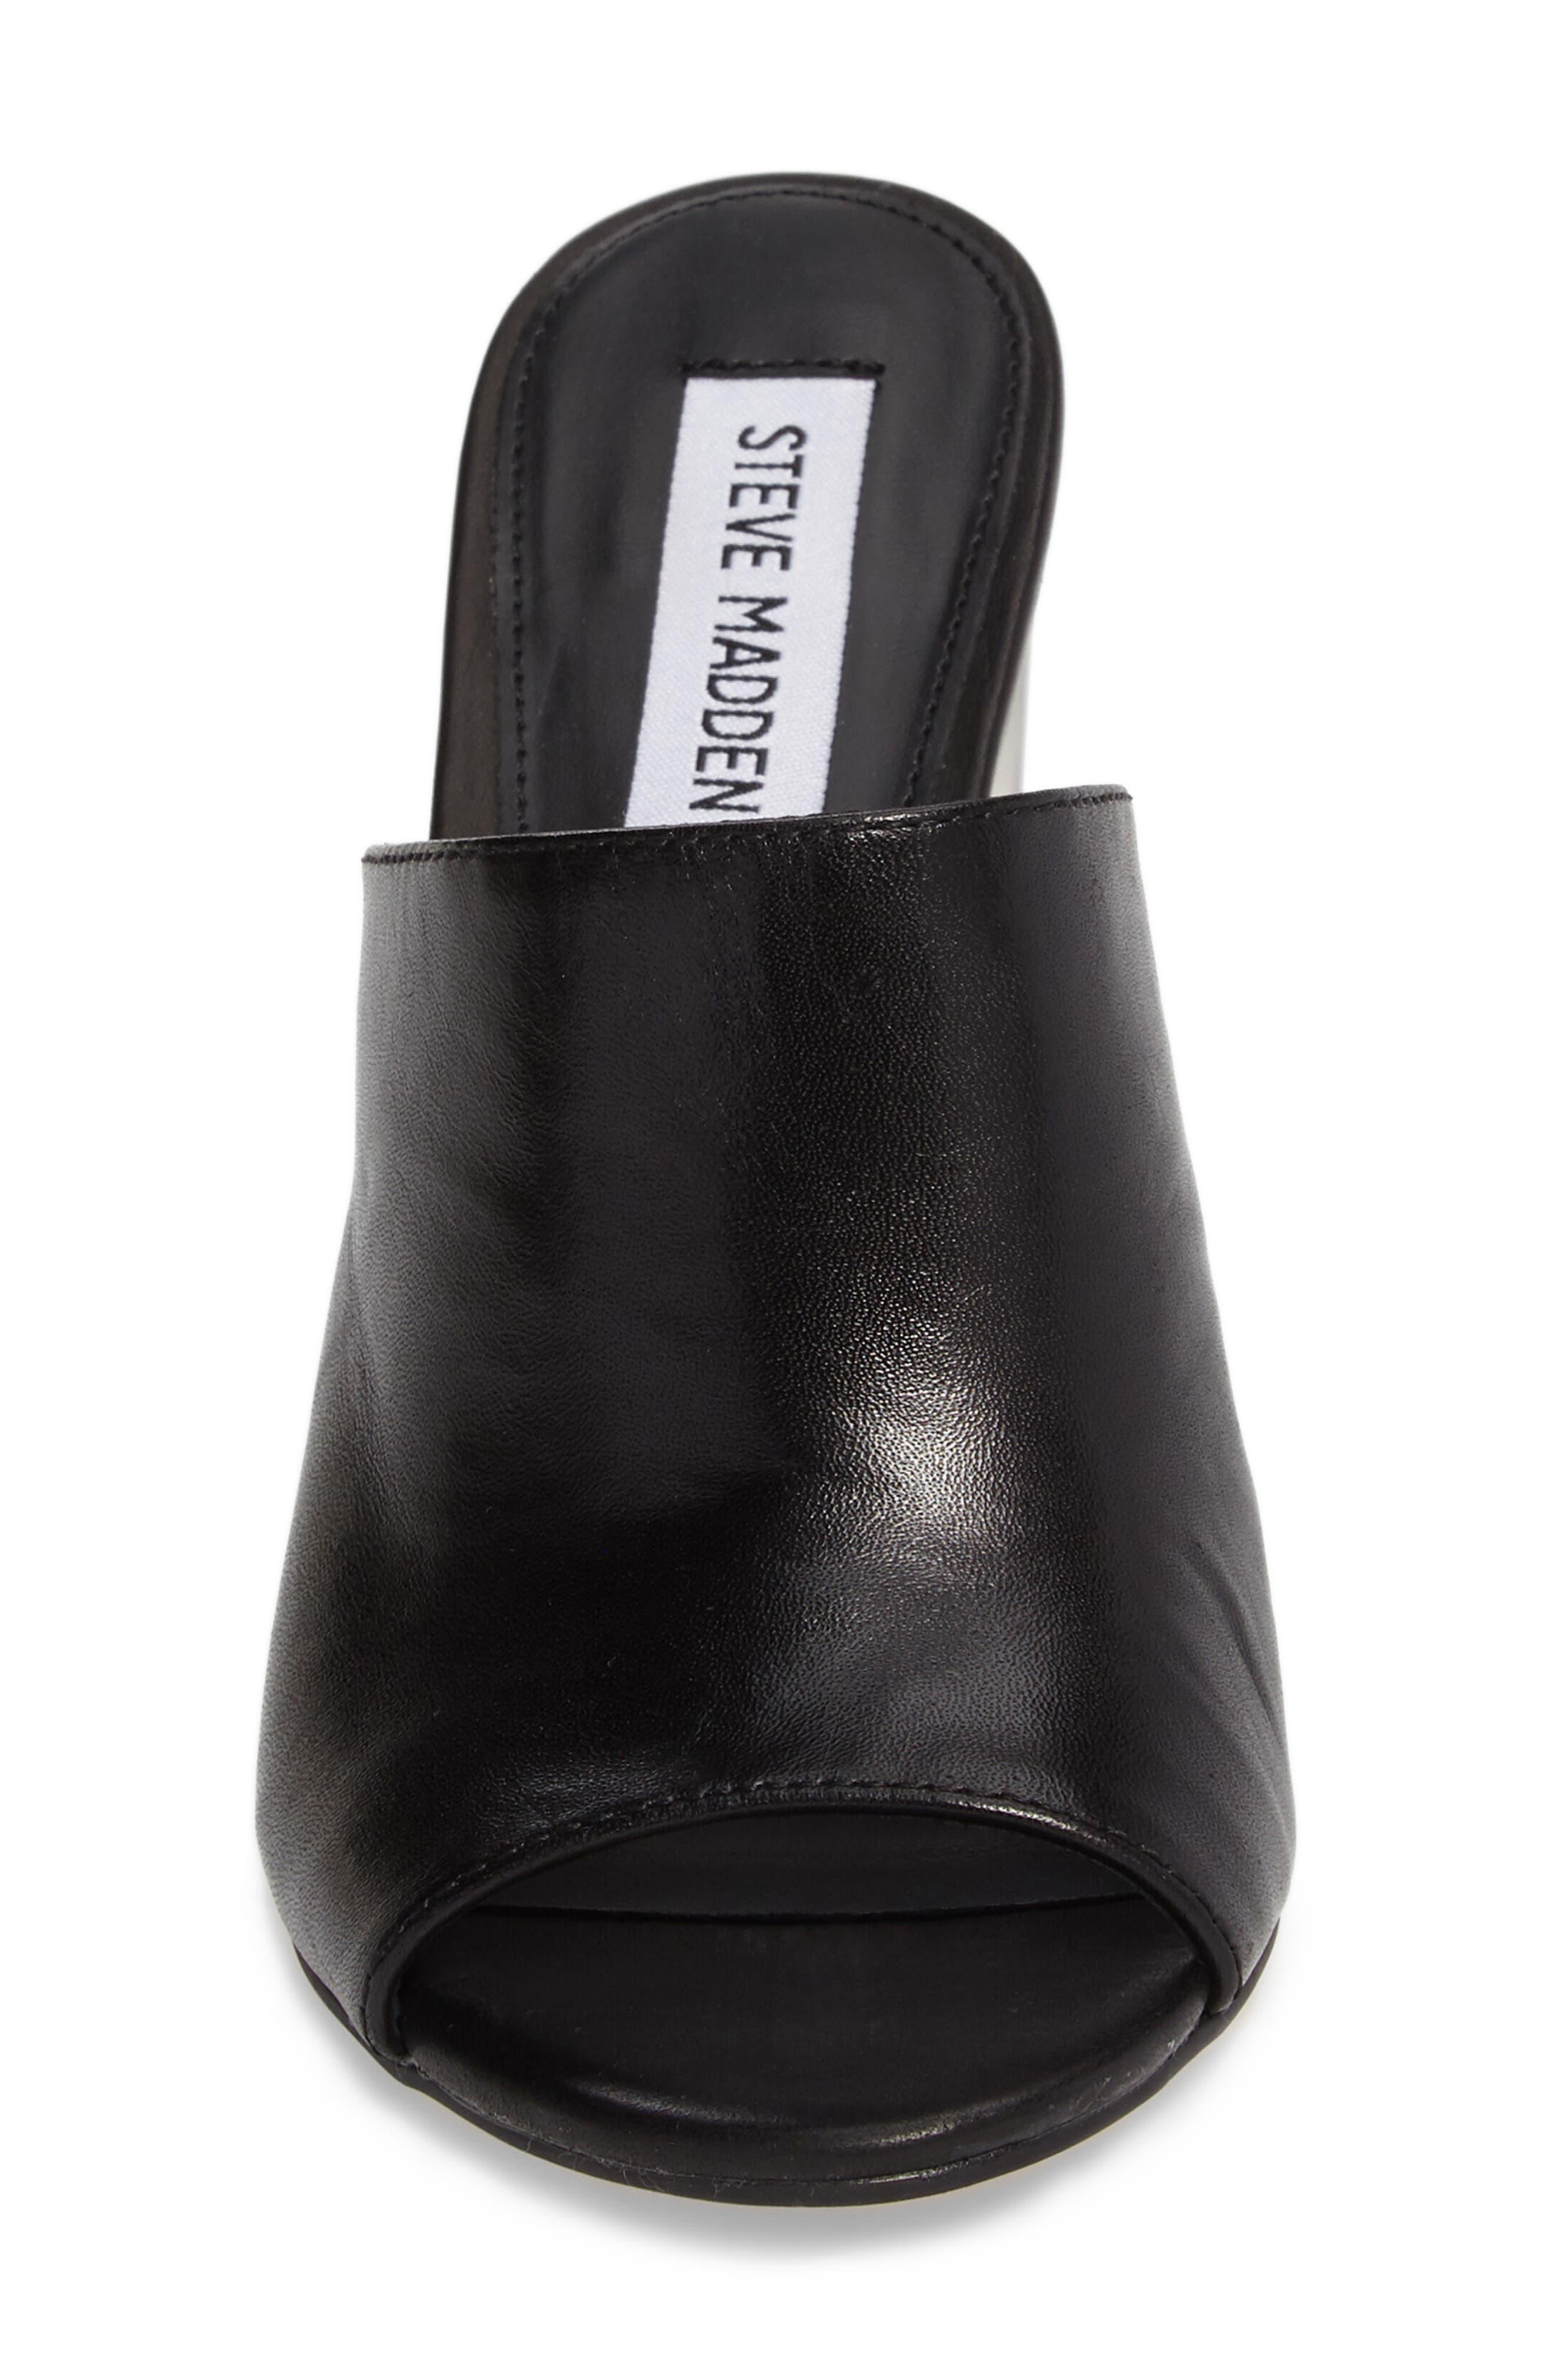 Alternate Image 4  - Steve Madden Classics Mule Sandal (Women)